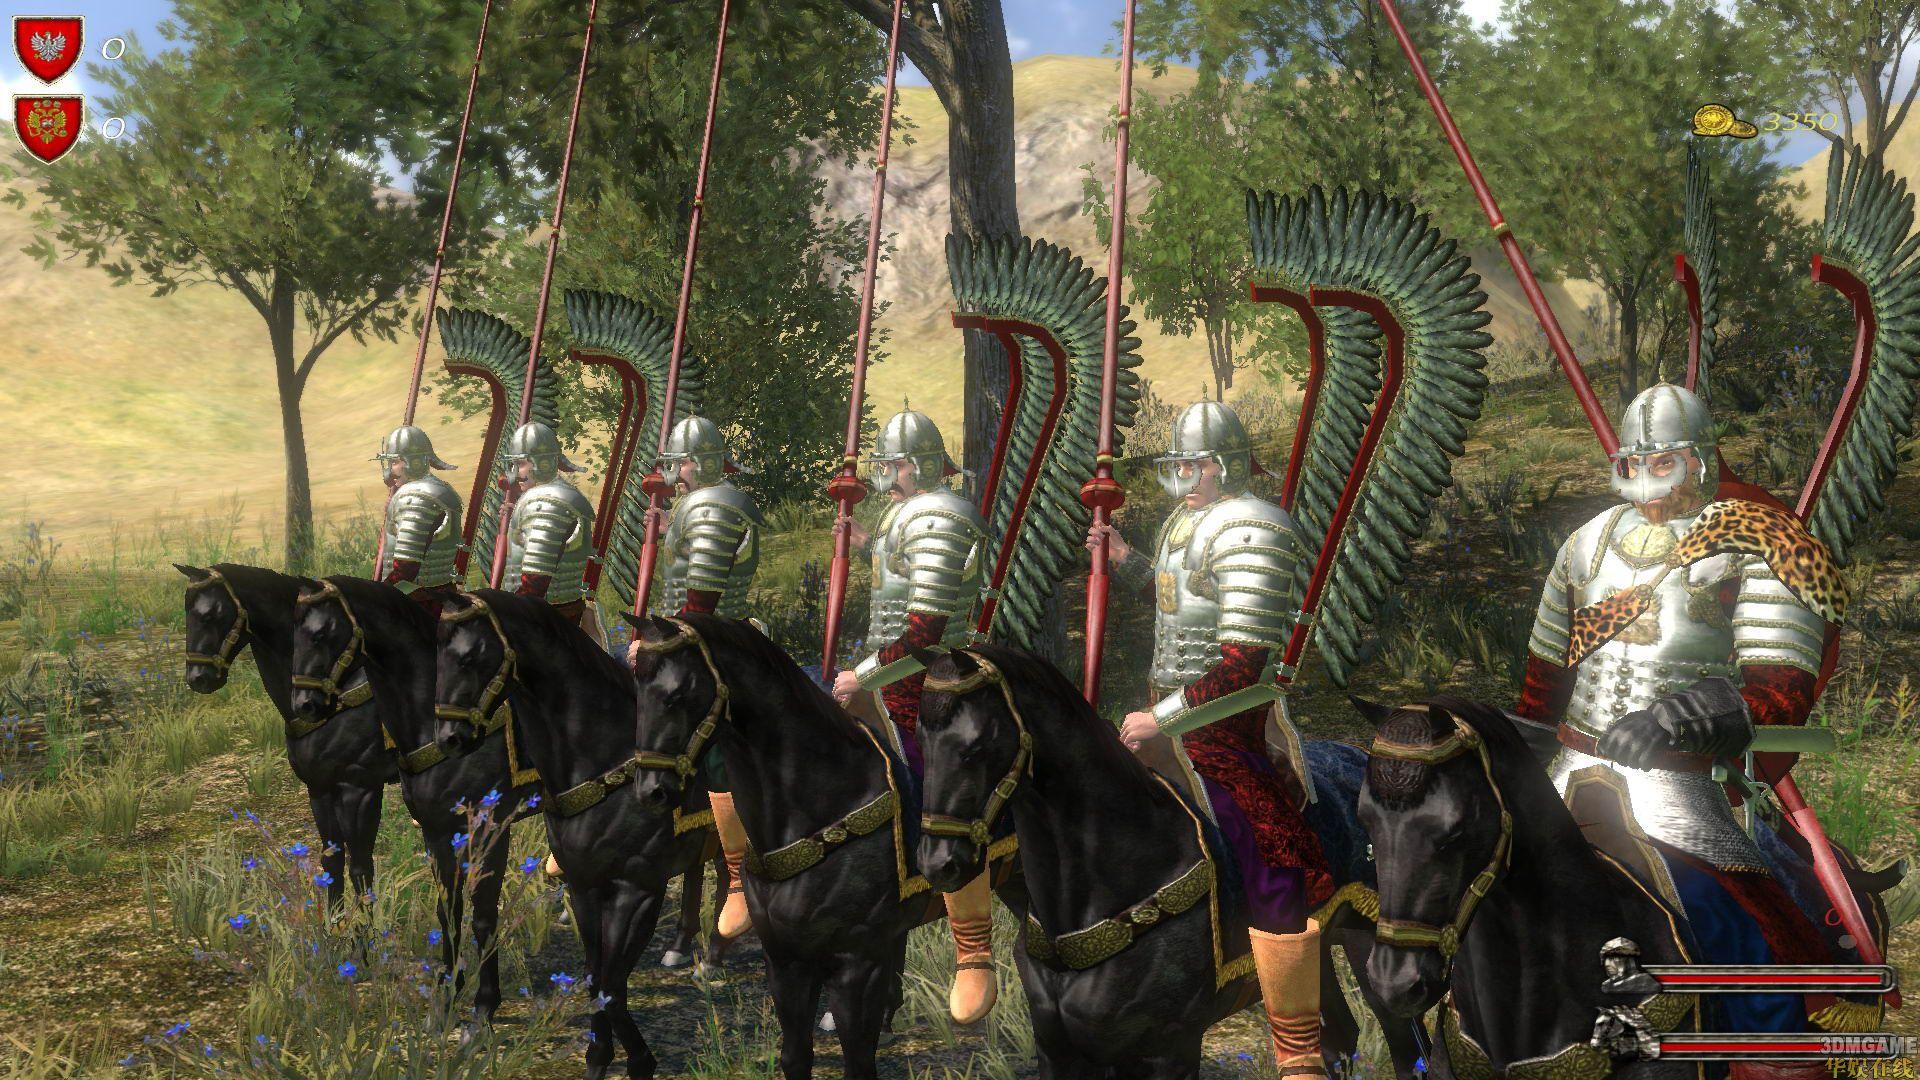 青木葵骑兵_《骑马与砍杀:火与剑》前瞻 火器会破坏平衡吗?